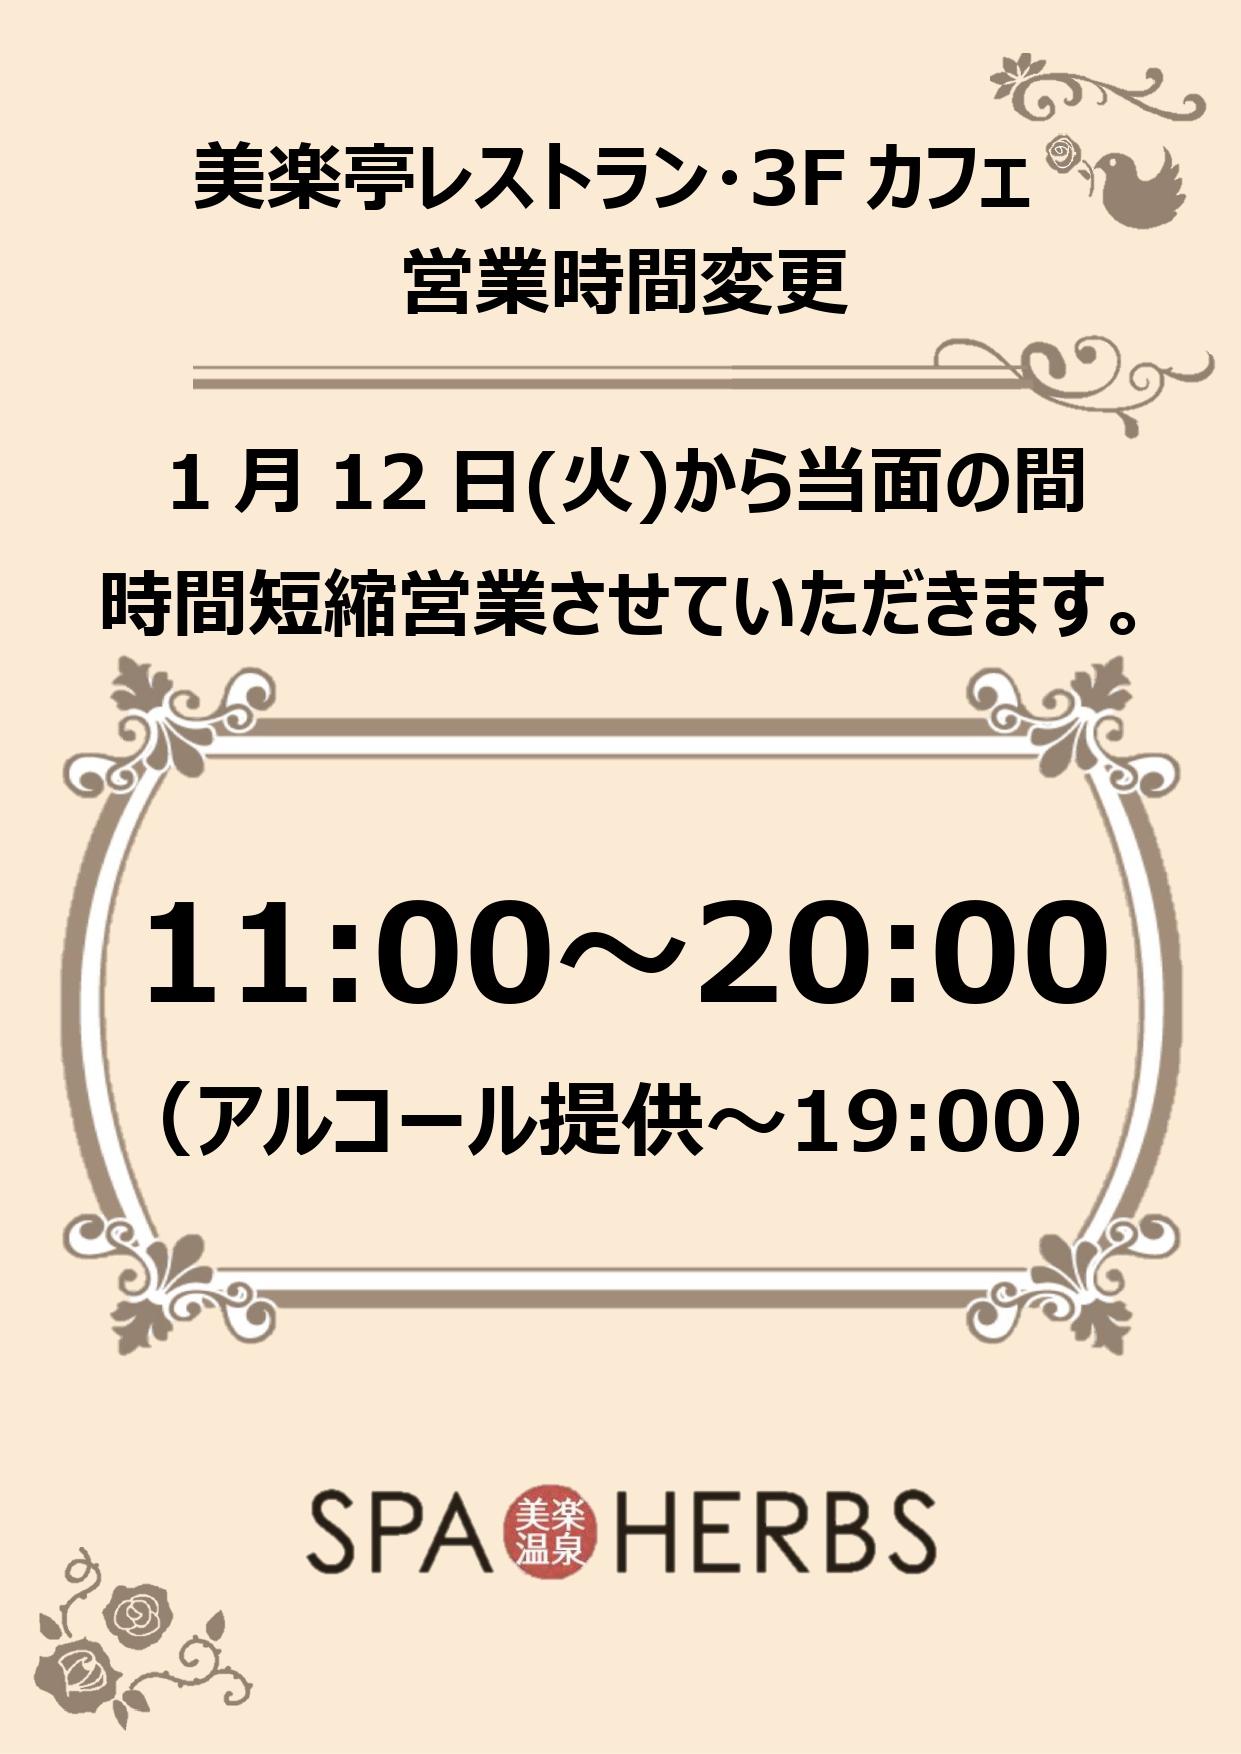 美楽亭レストラン・3Fカフェ時間短縮営業